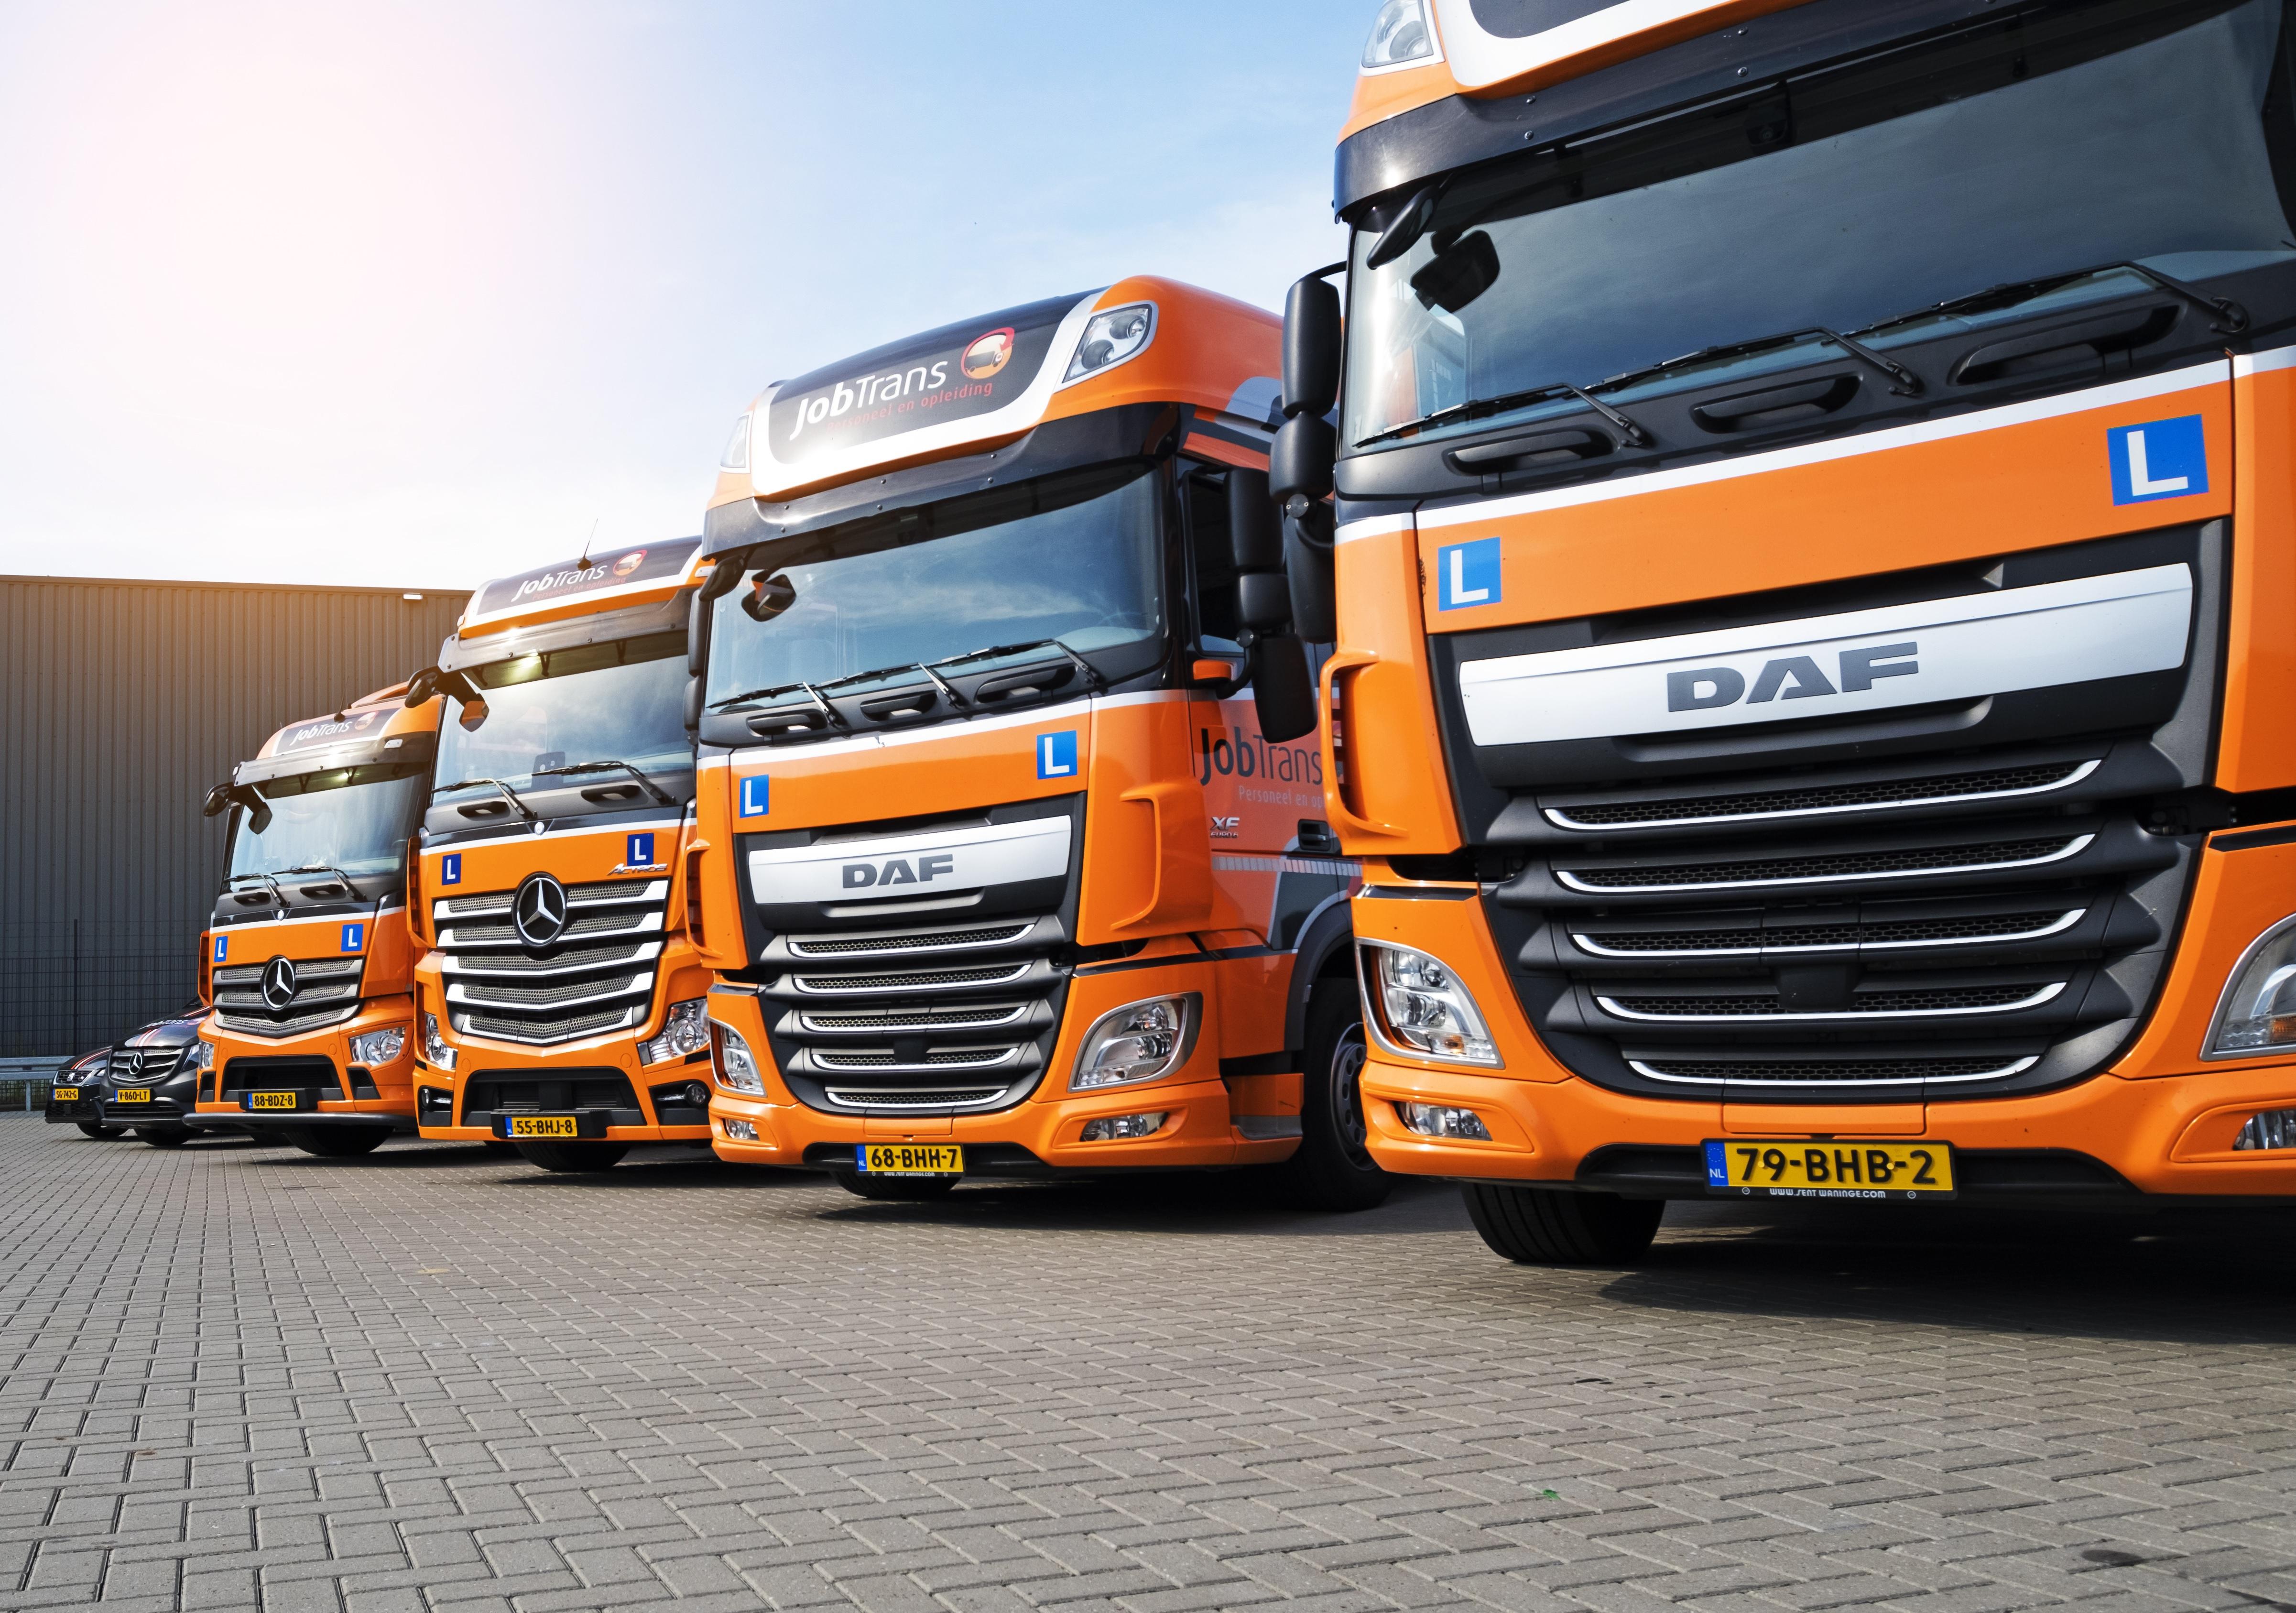 LZV vrachtwagenchauffeur in opleiding